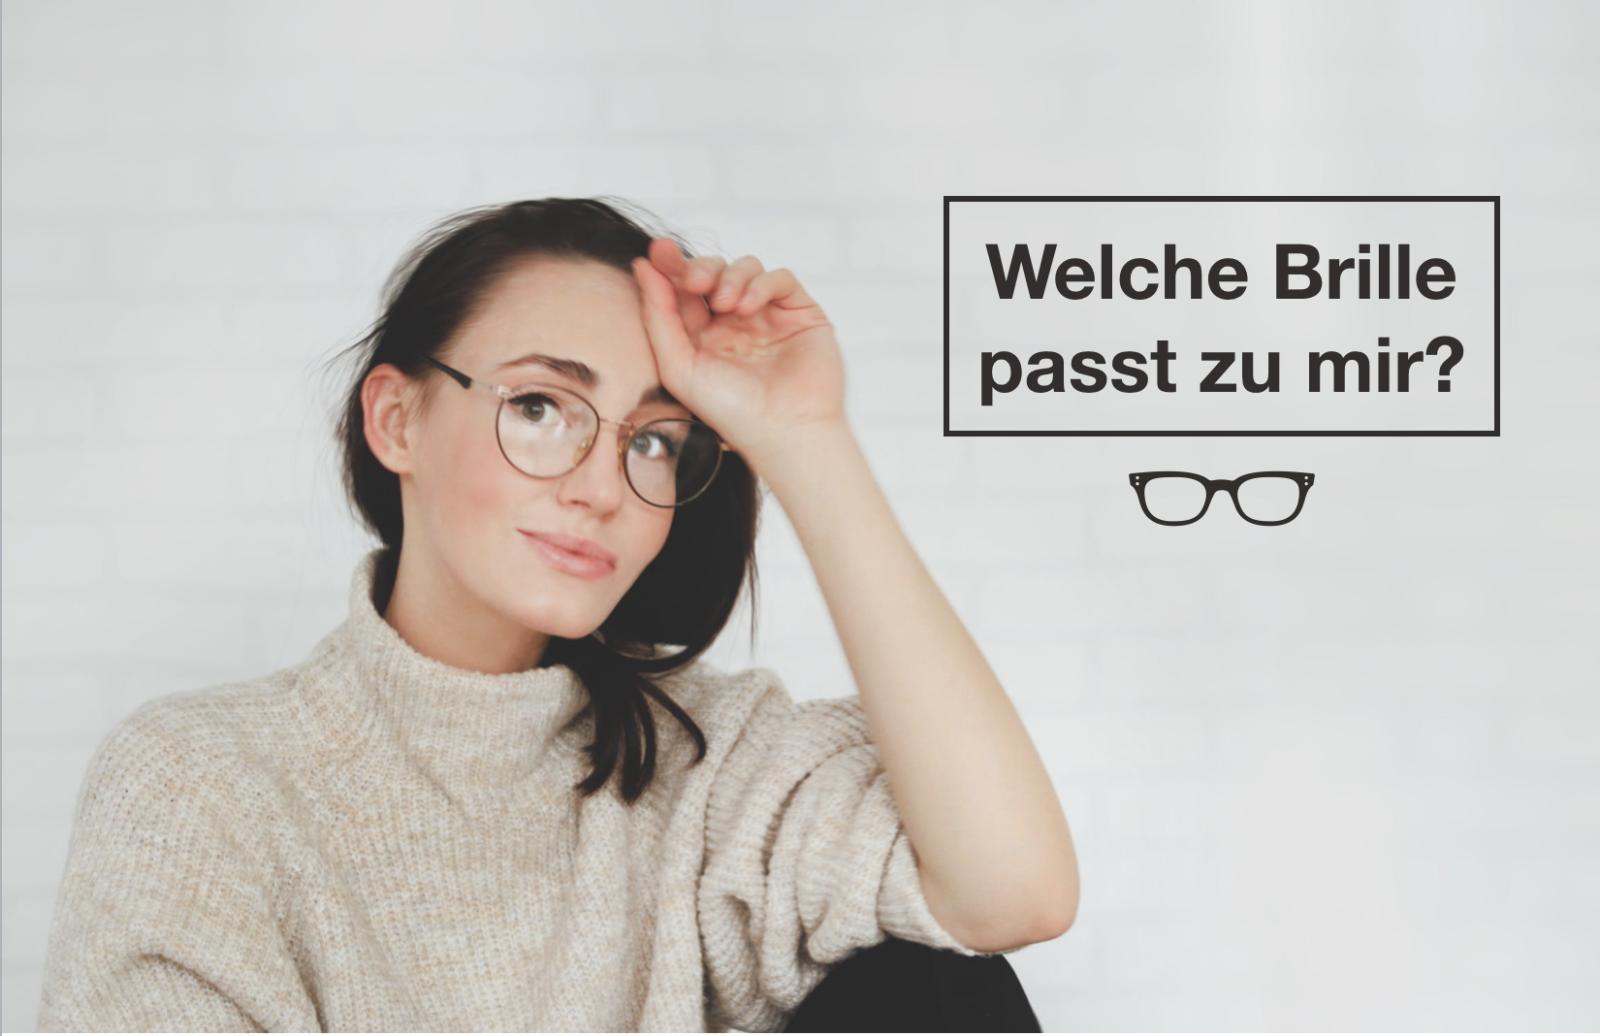 """Das Bild zeigt eine Frau und den Text """"Welche Brille passt zu mir?"""""""